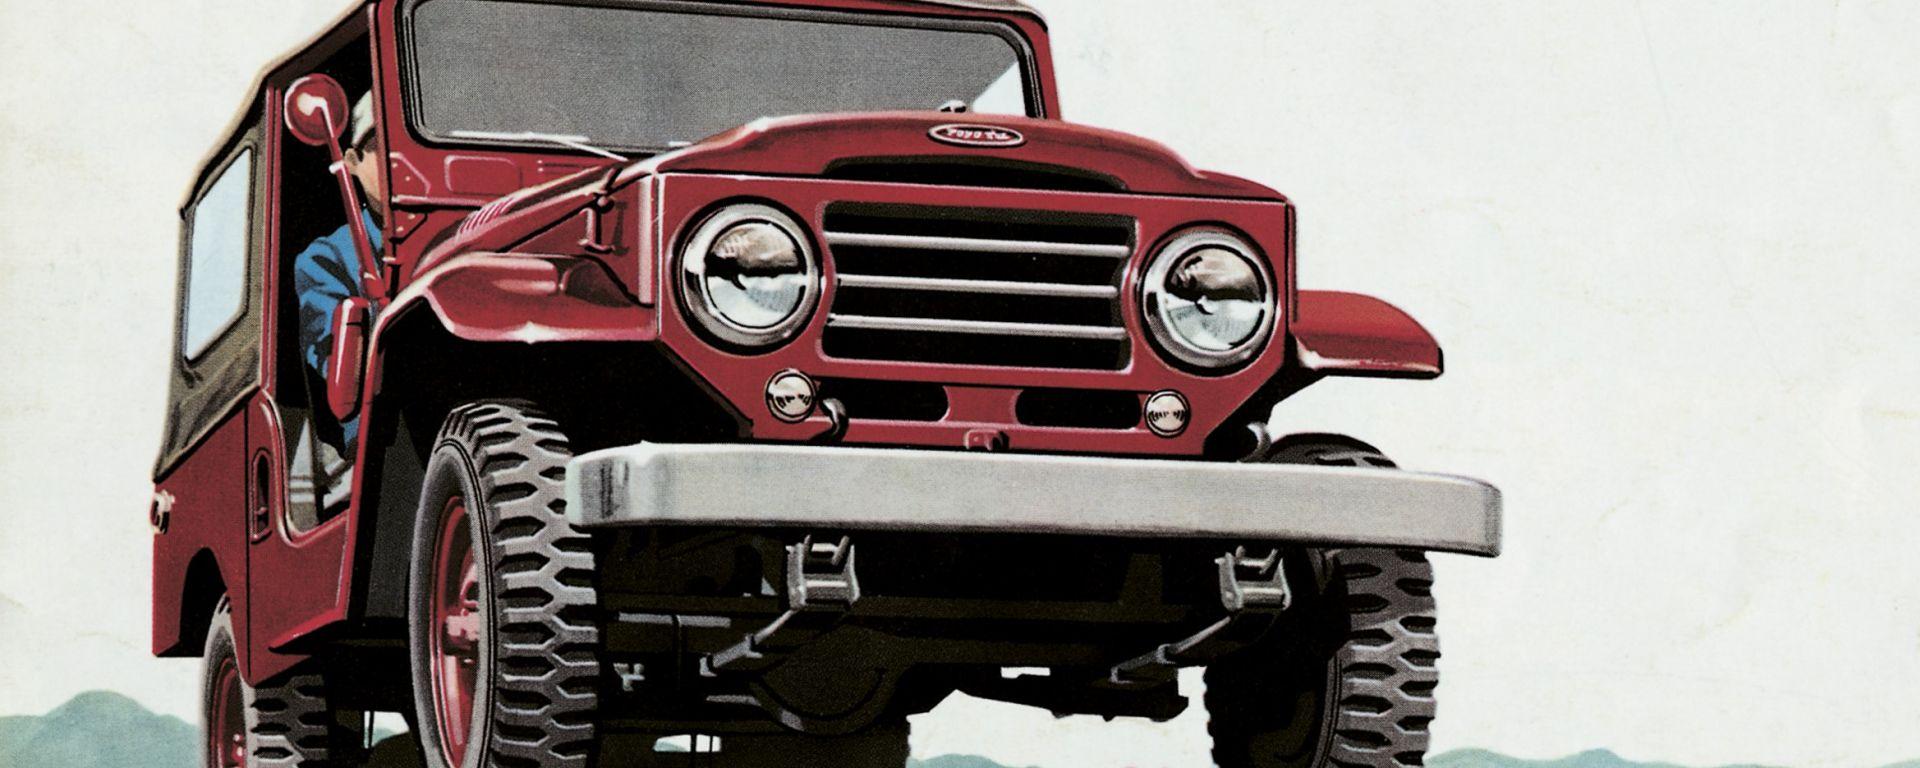 Toyota Land Cruiser: 150 foto in HD per i suoi primi 60 anni